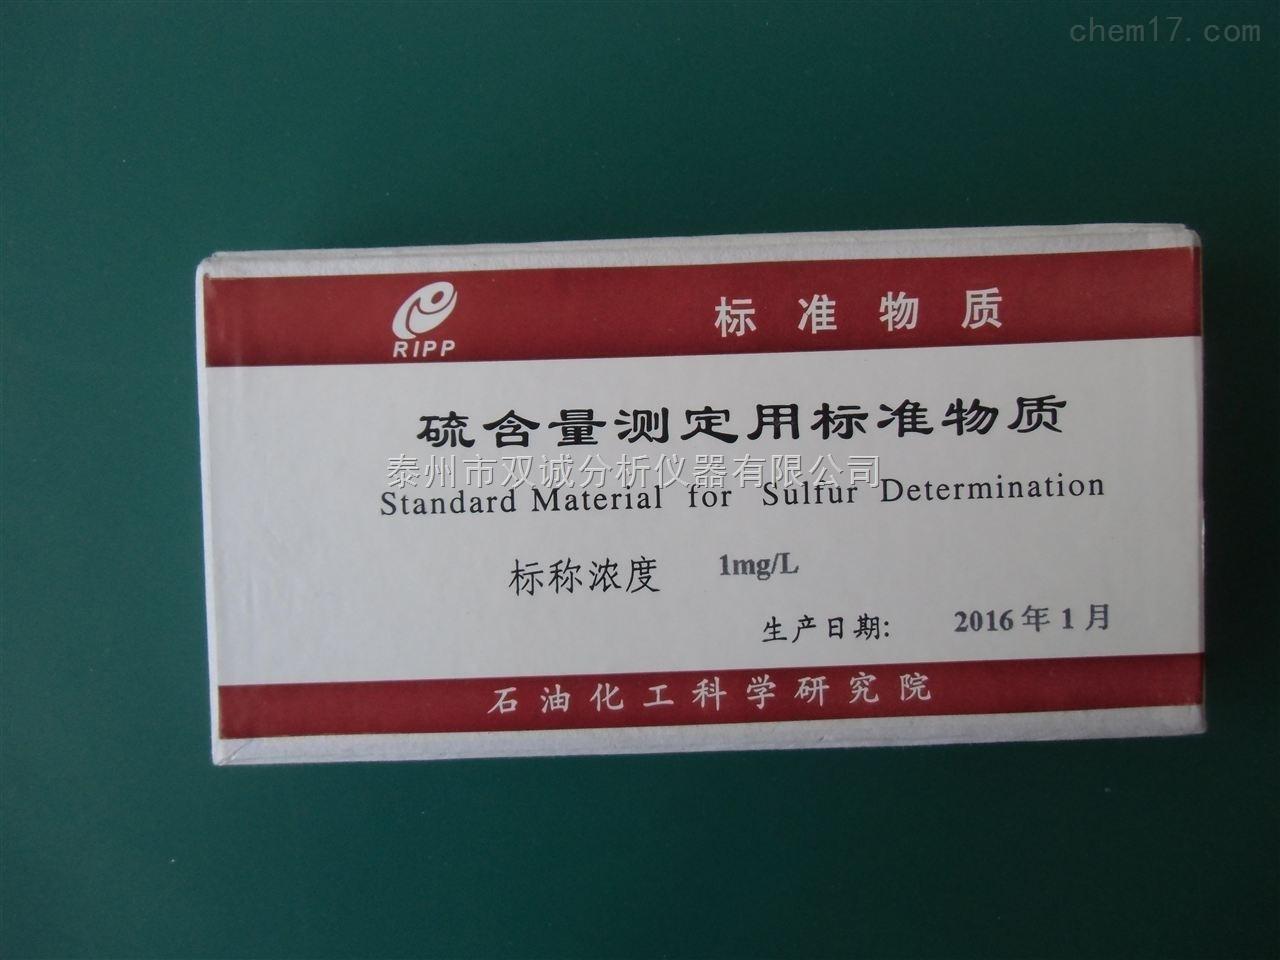 硫含量标准物质